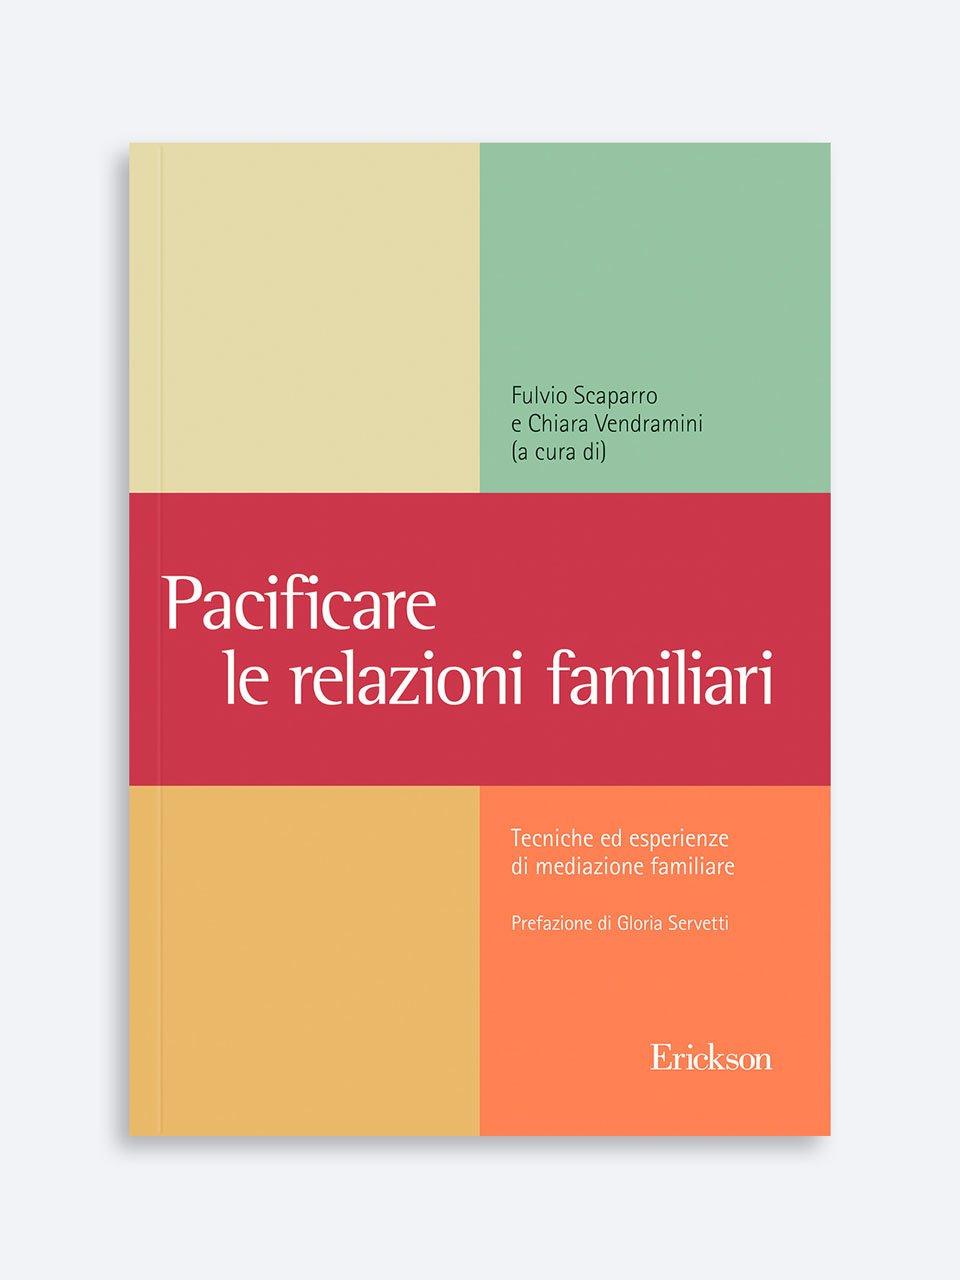 Pacificare le relazioni familiari - Dalla tua parte - Libri - Erickson